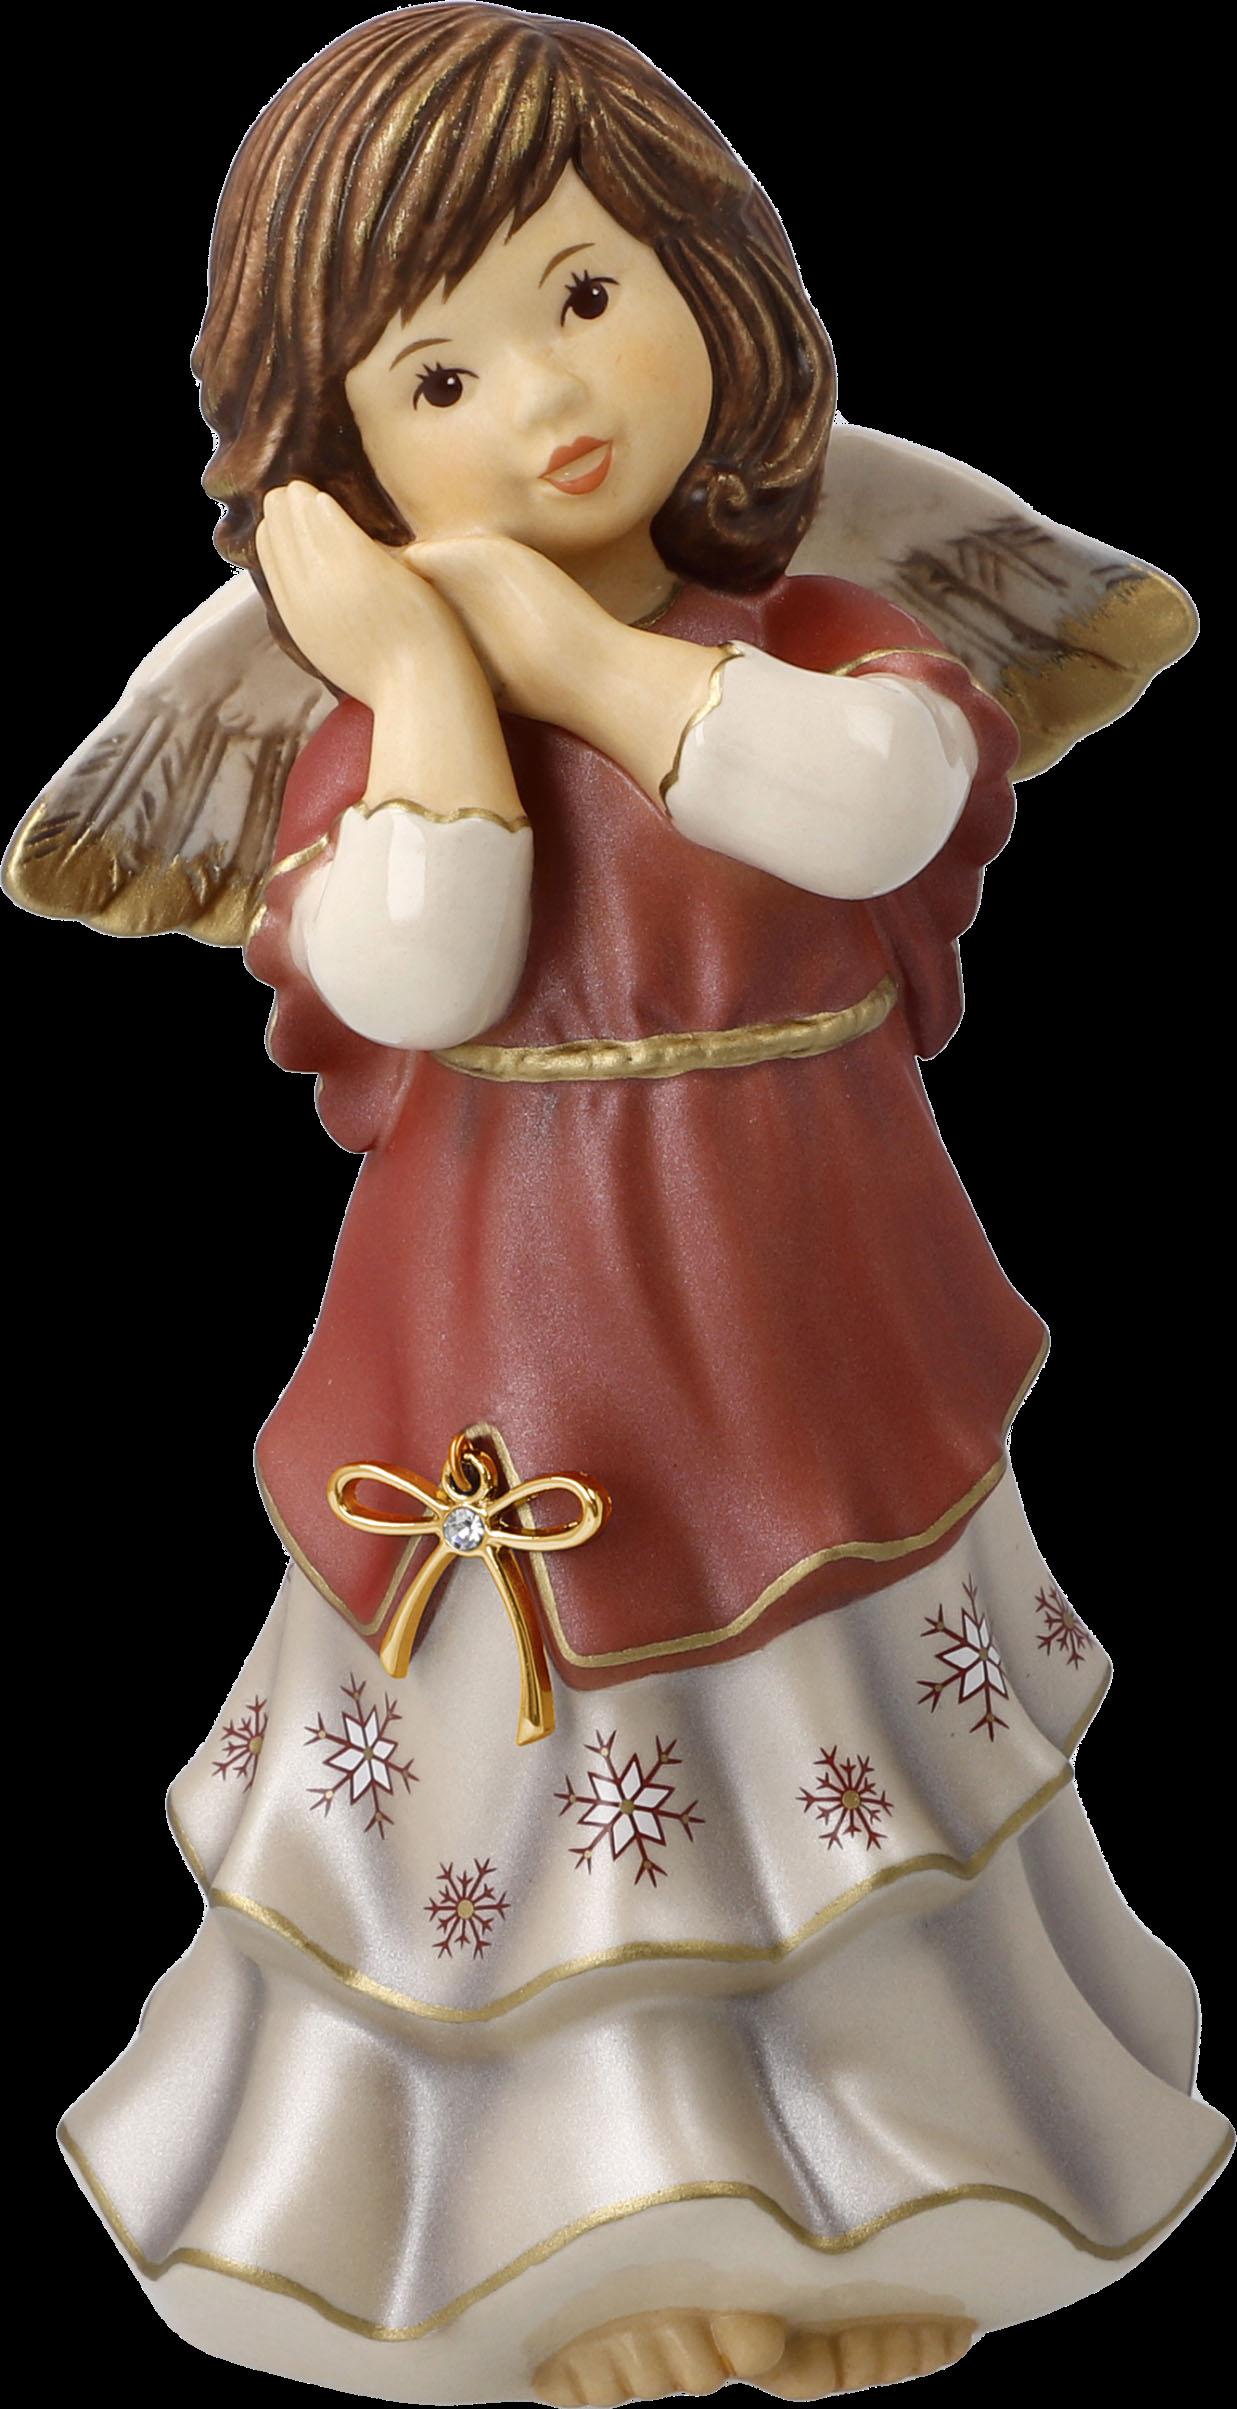 Goebel Engelfigur Jahresengel 2021 - Friedliche Weihnachtszeit, mit Zertifikat und Swarovski-Kristal rot Sammlerfiguren Figuren Skulpturen Wohnaccessoires